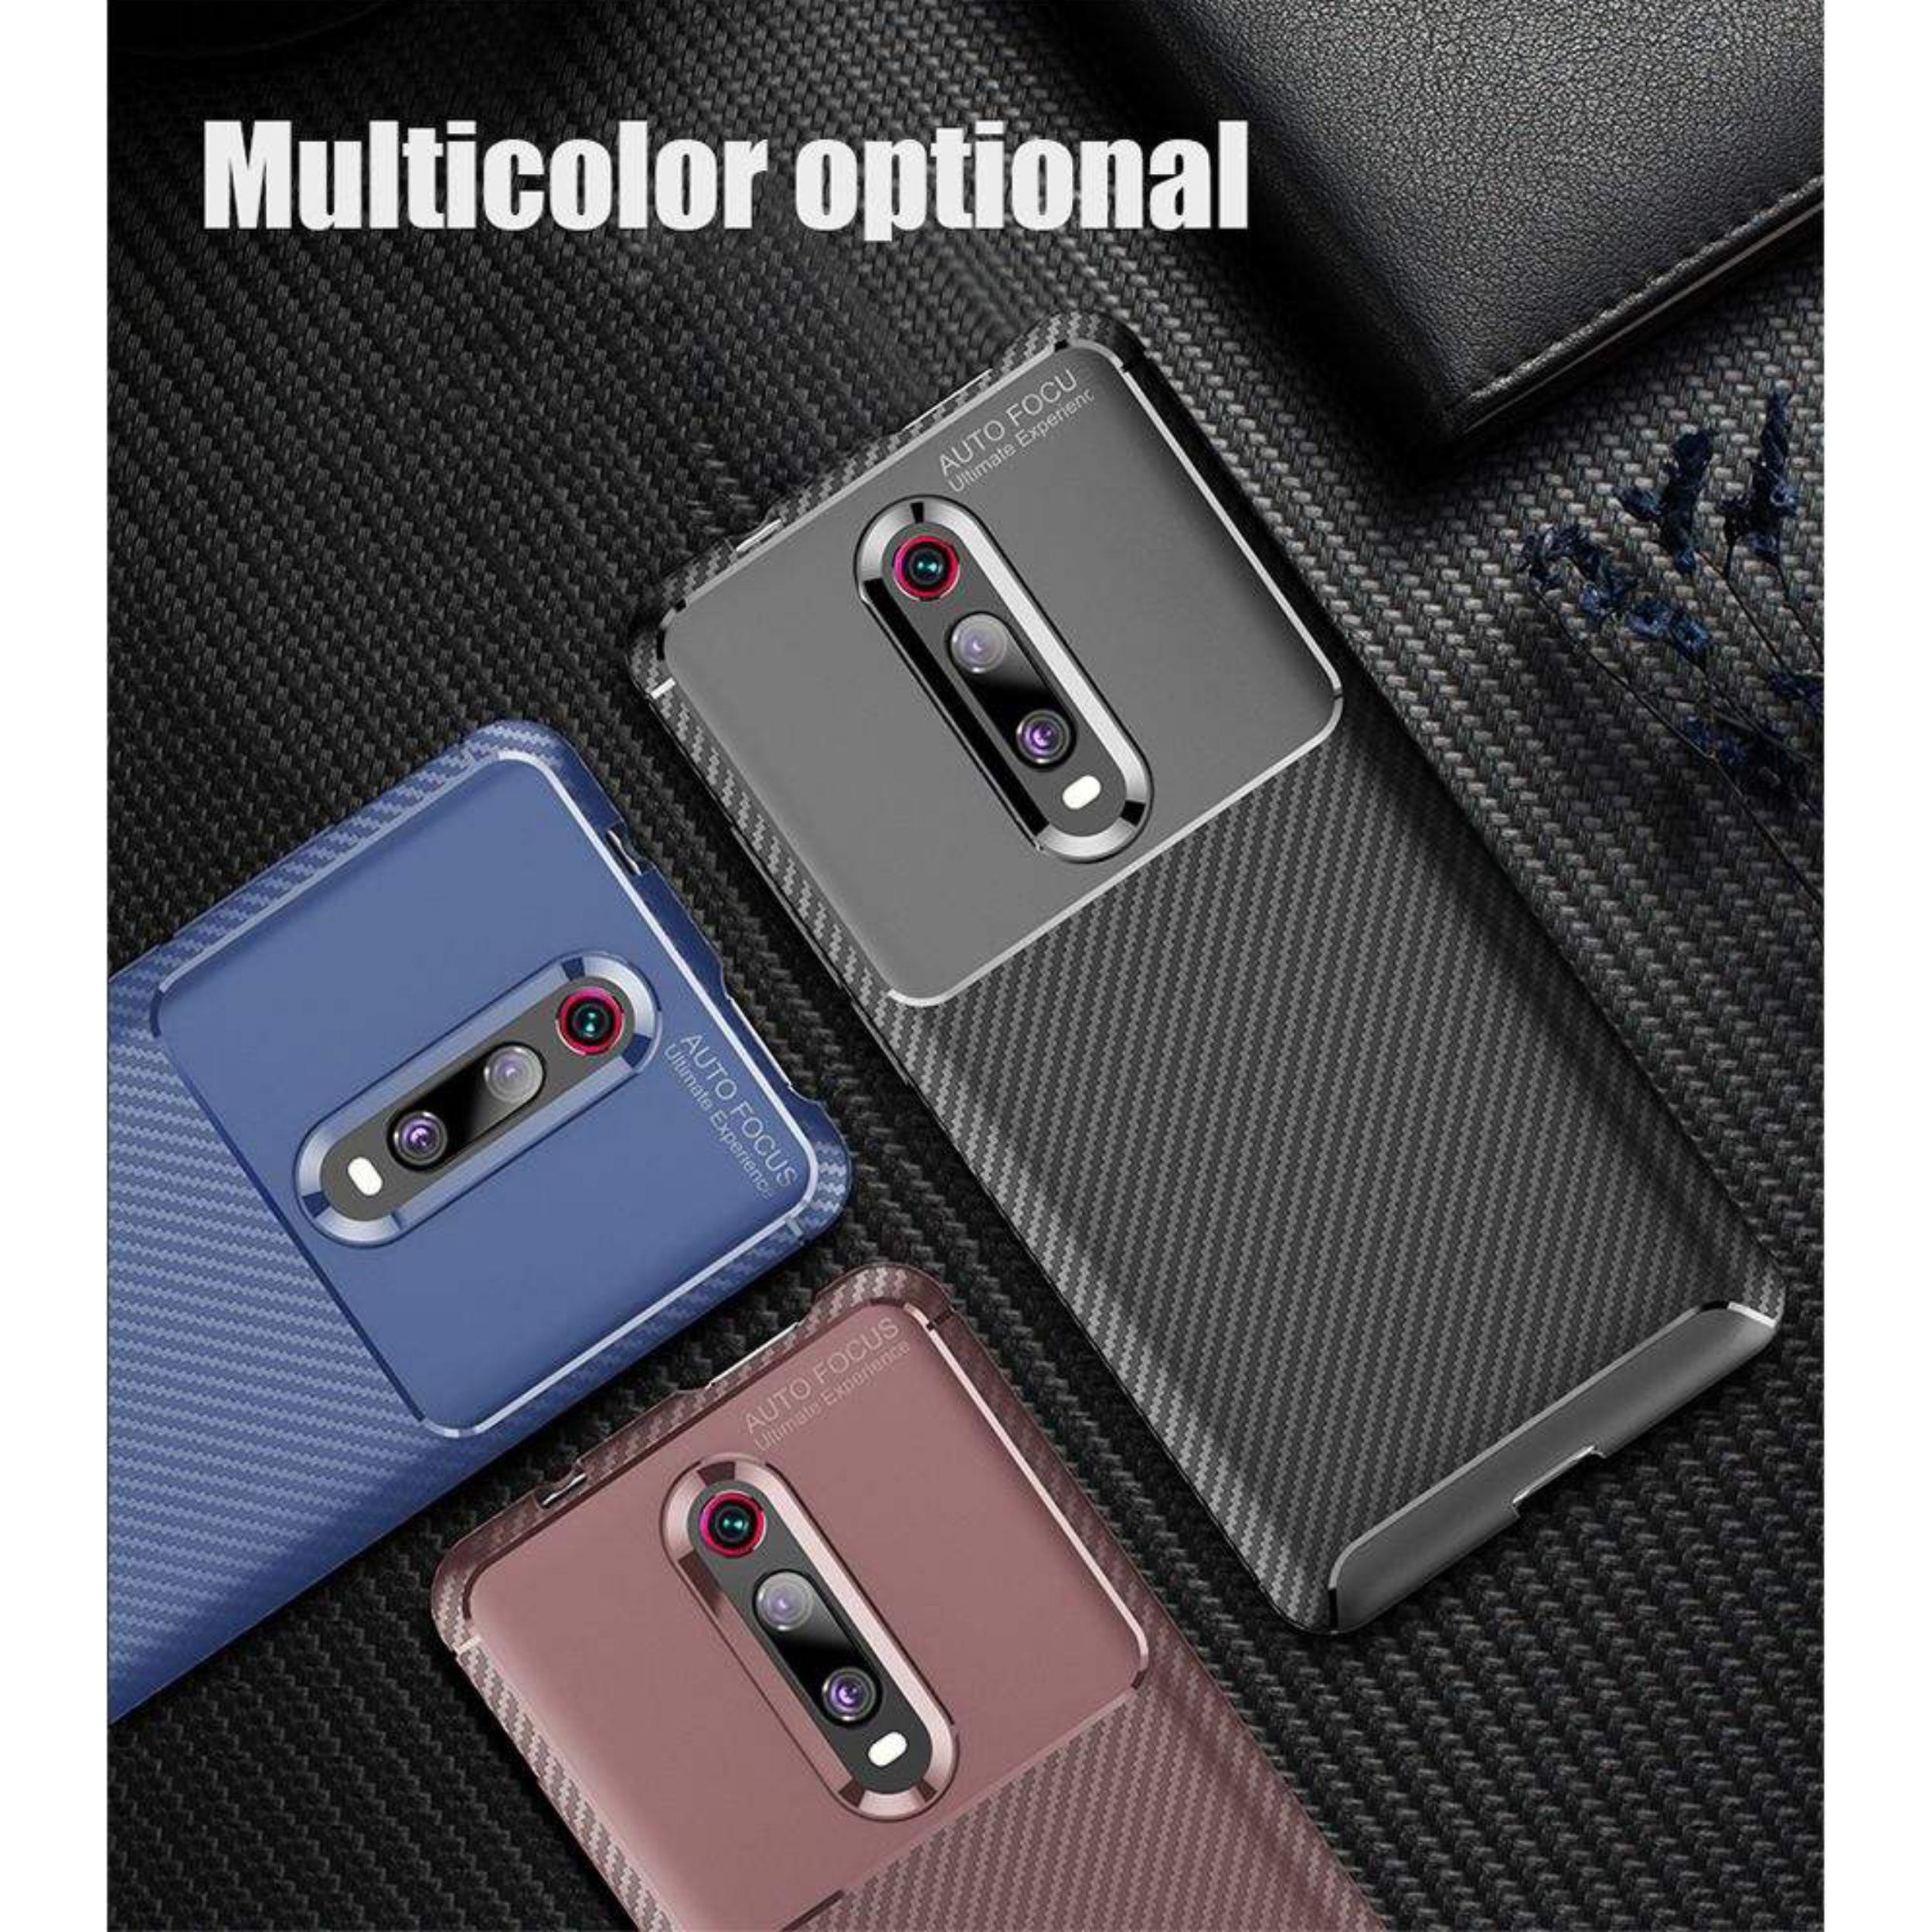 کاور لاین کینگ مدل A21 مناسب برای گوشی موبایل شیائومی Mi 9T / Mi9T pro thumb 2 4